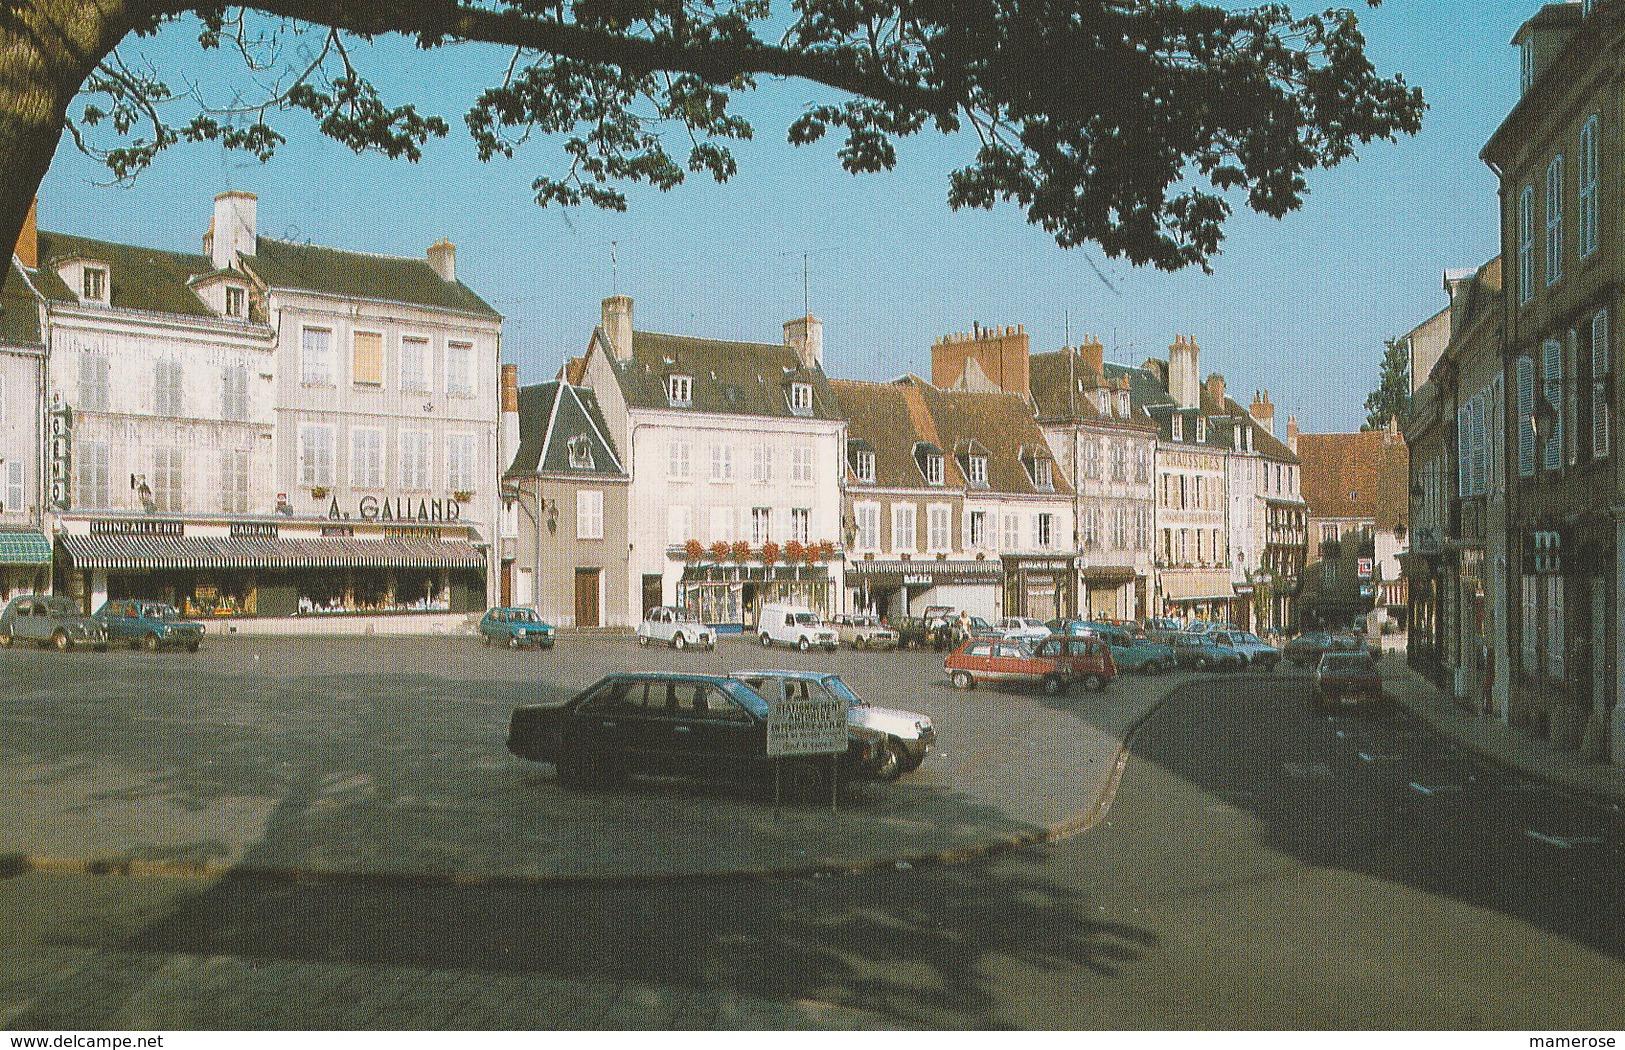 LA CHATRE (36). La Place Du Marché Bordée Par Ces Vieilles Maisons. Magasins: Quincaillerie A.Galland. Voitures - La Chatre